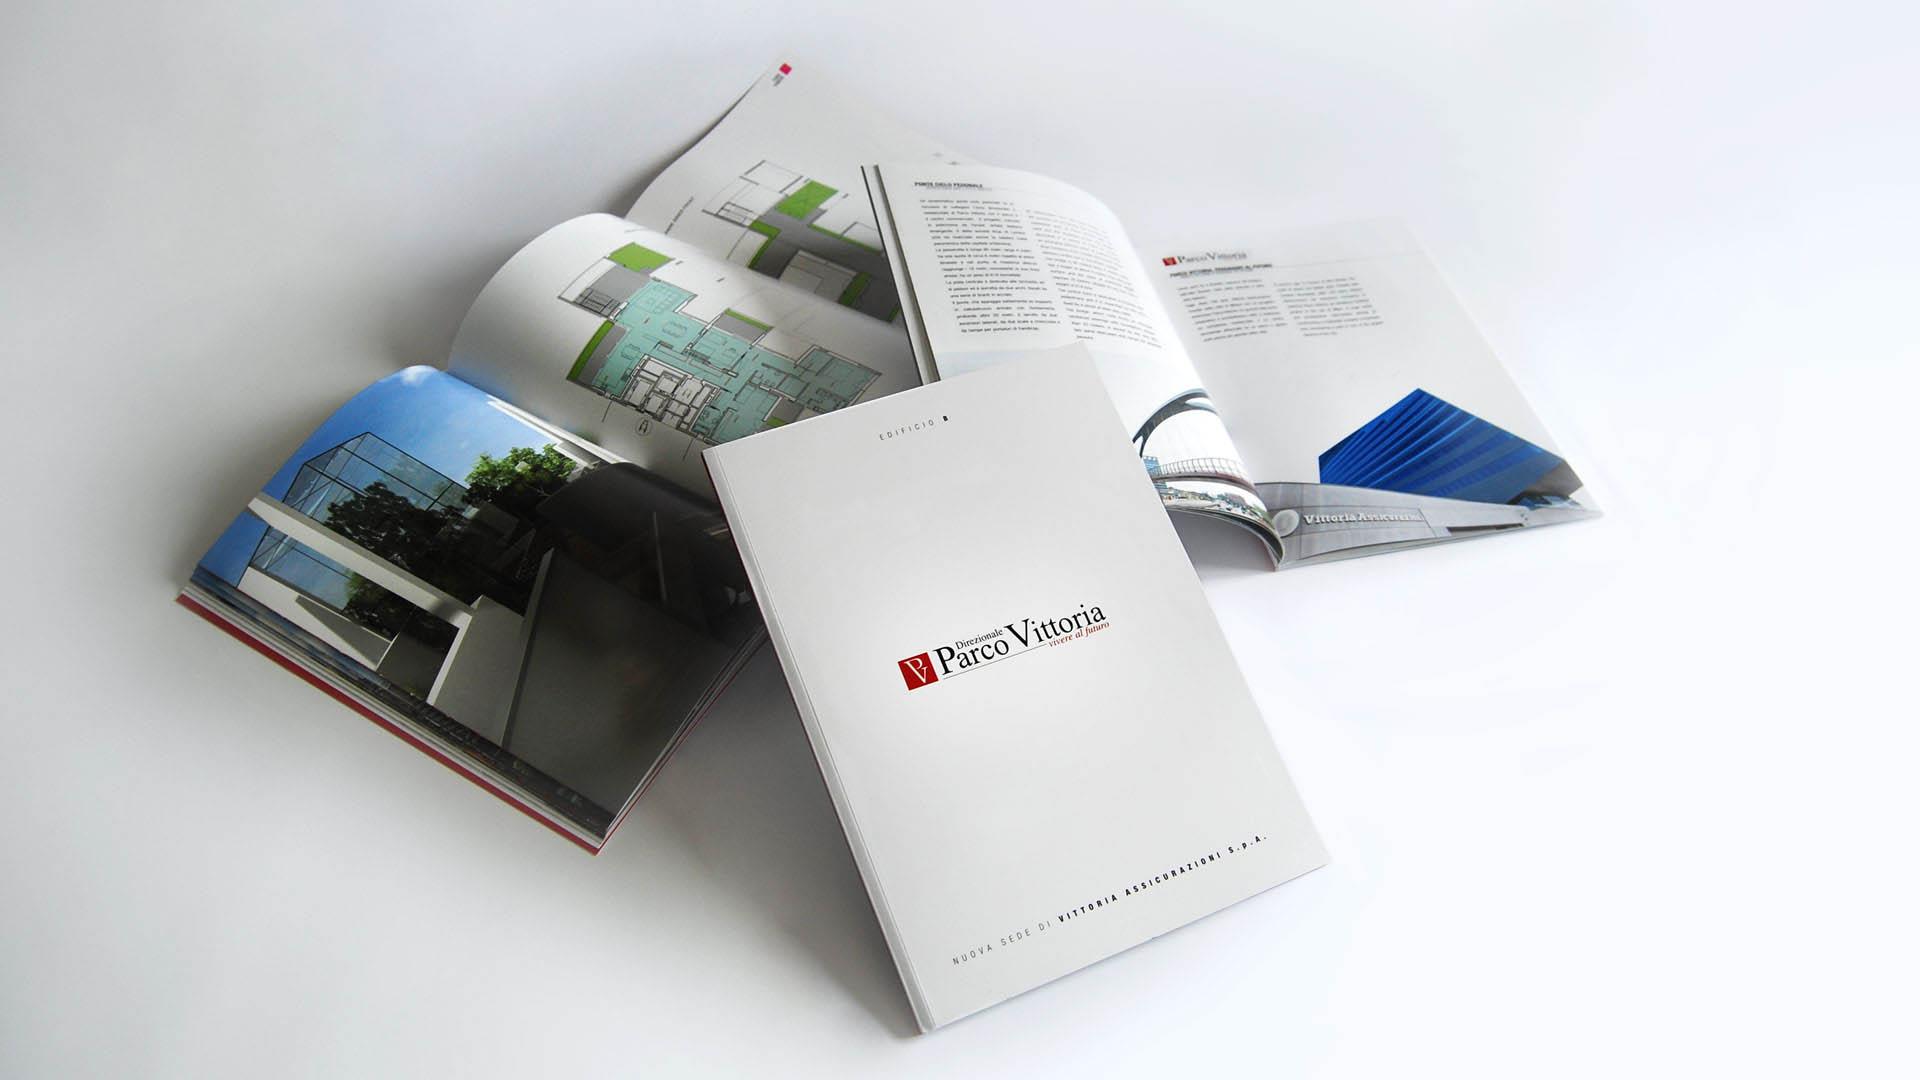 Parco Vittoria, Book